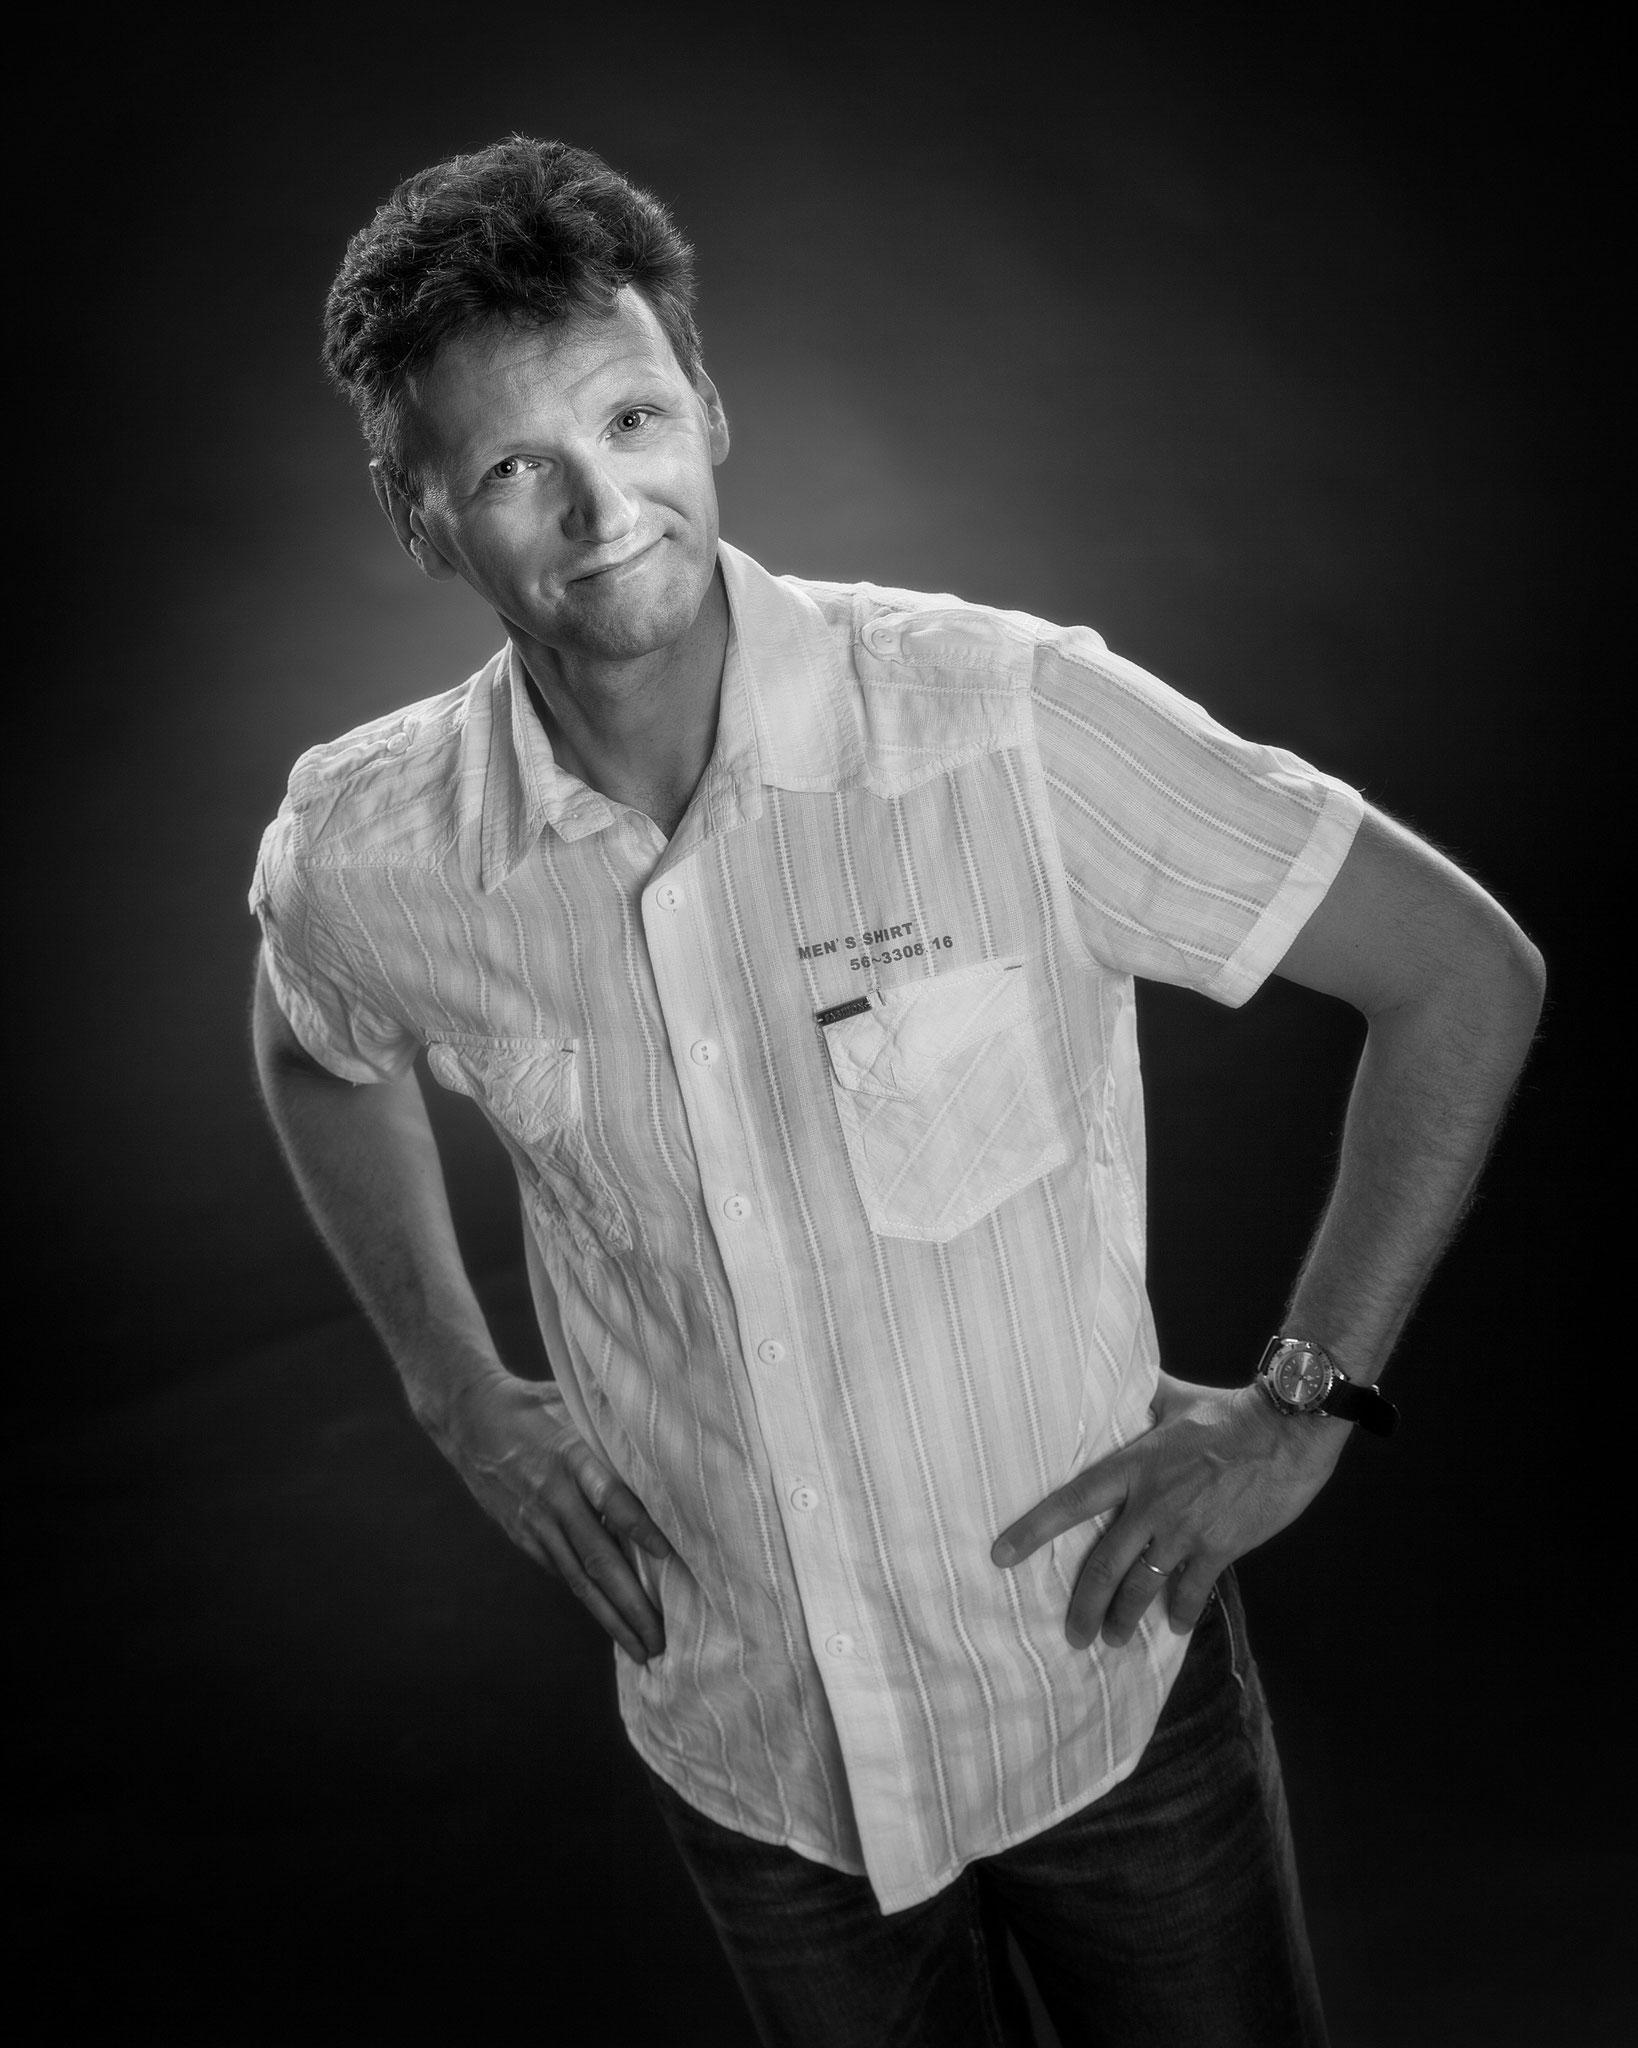 Dieter Hermann Schmitz